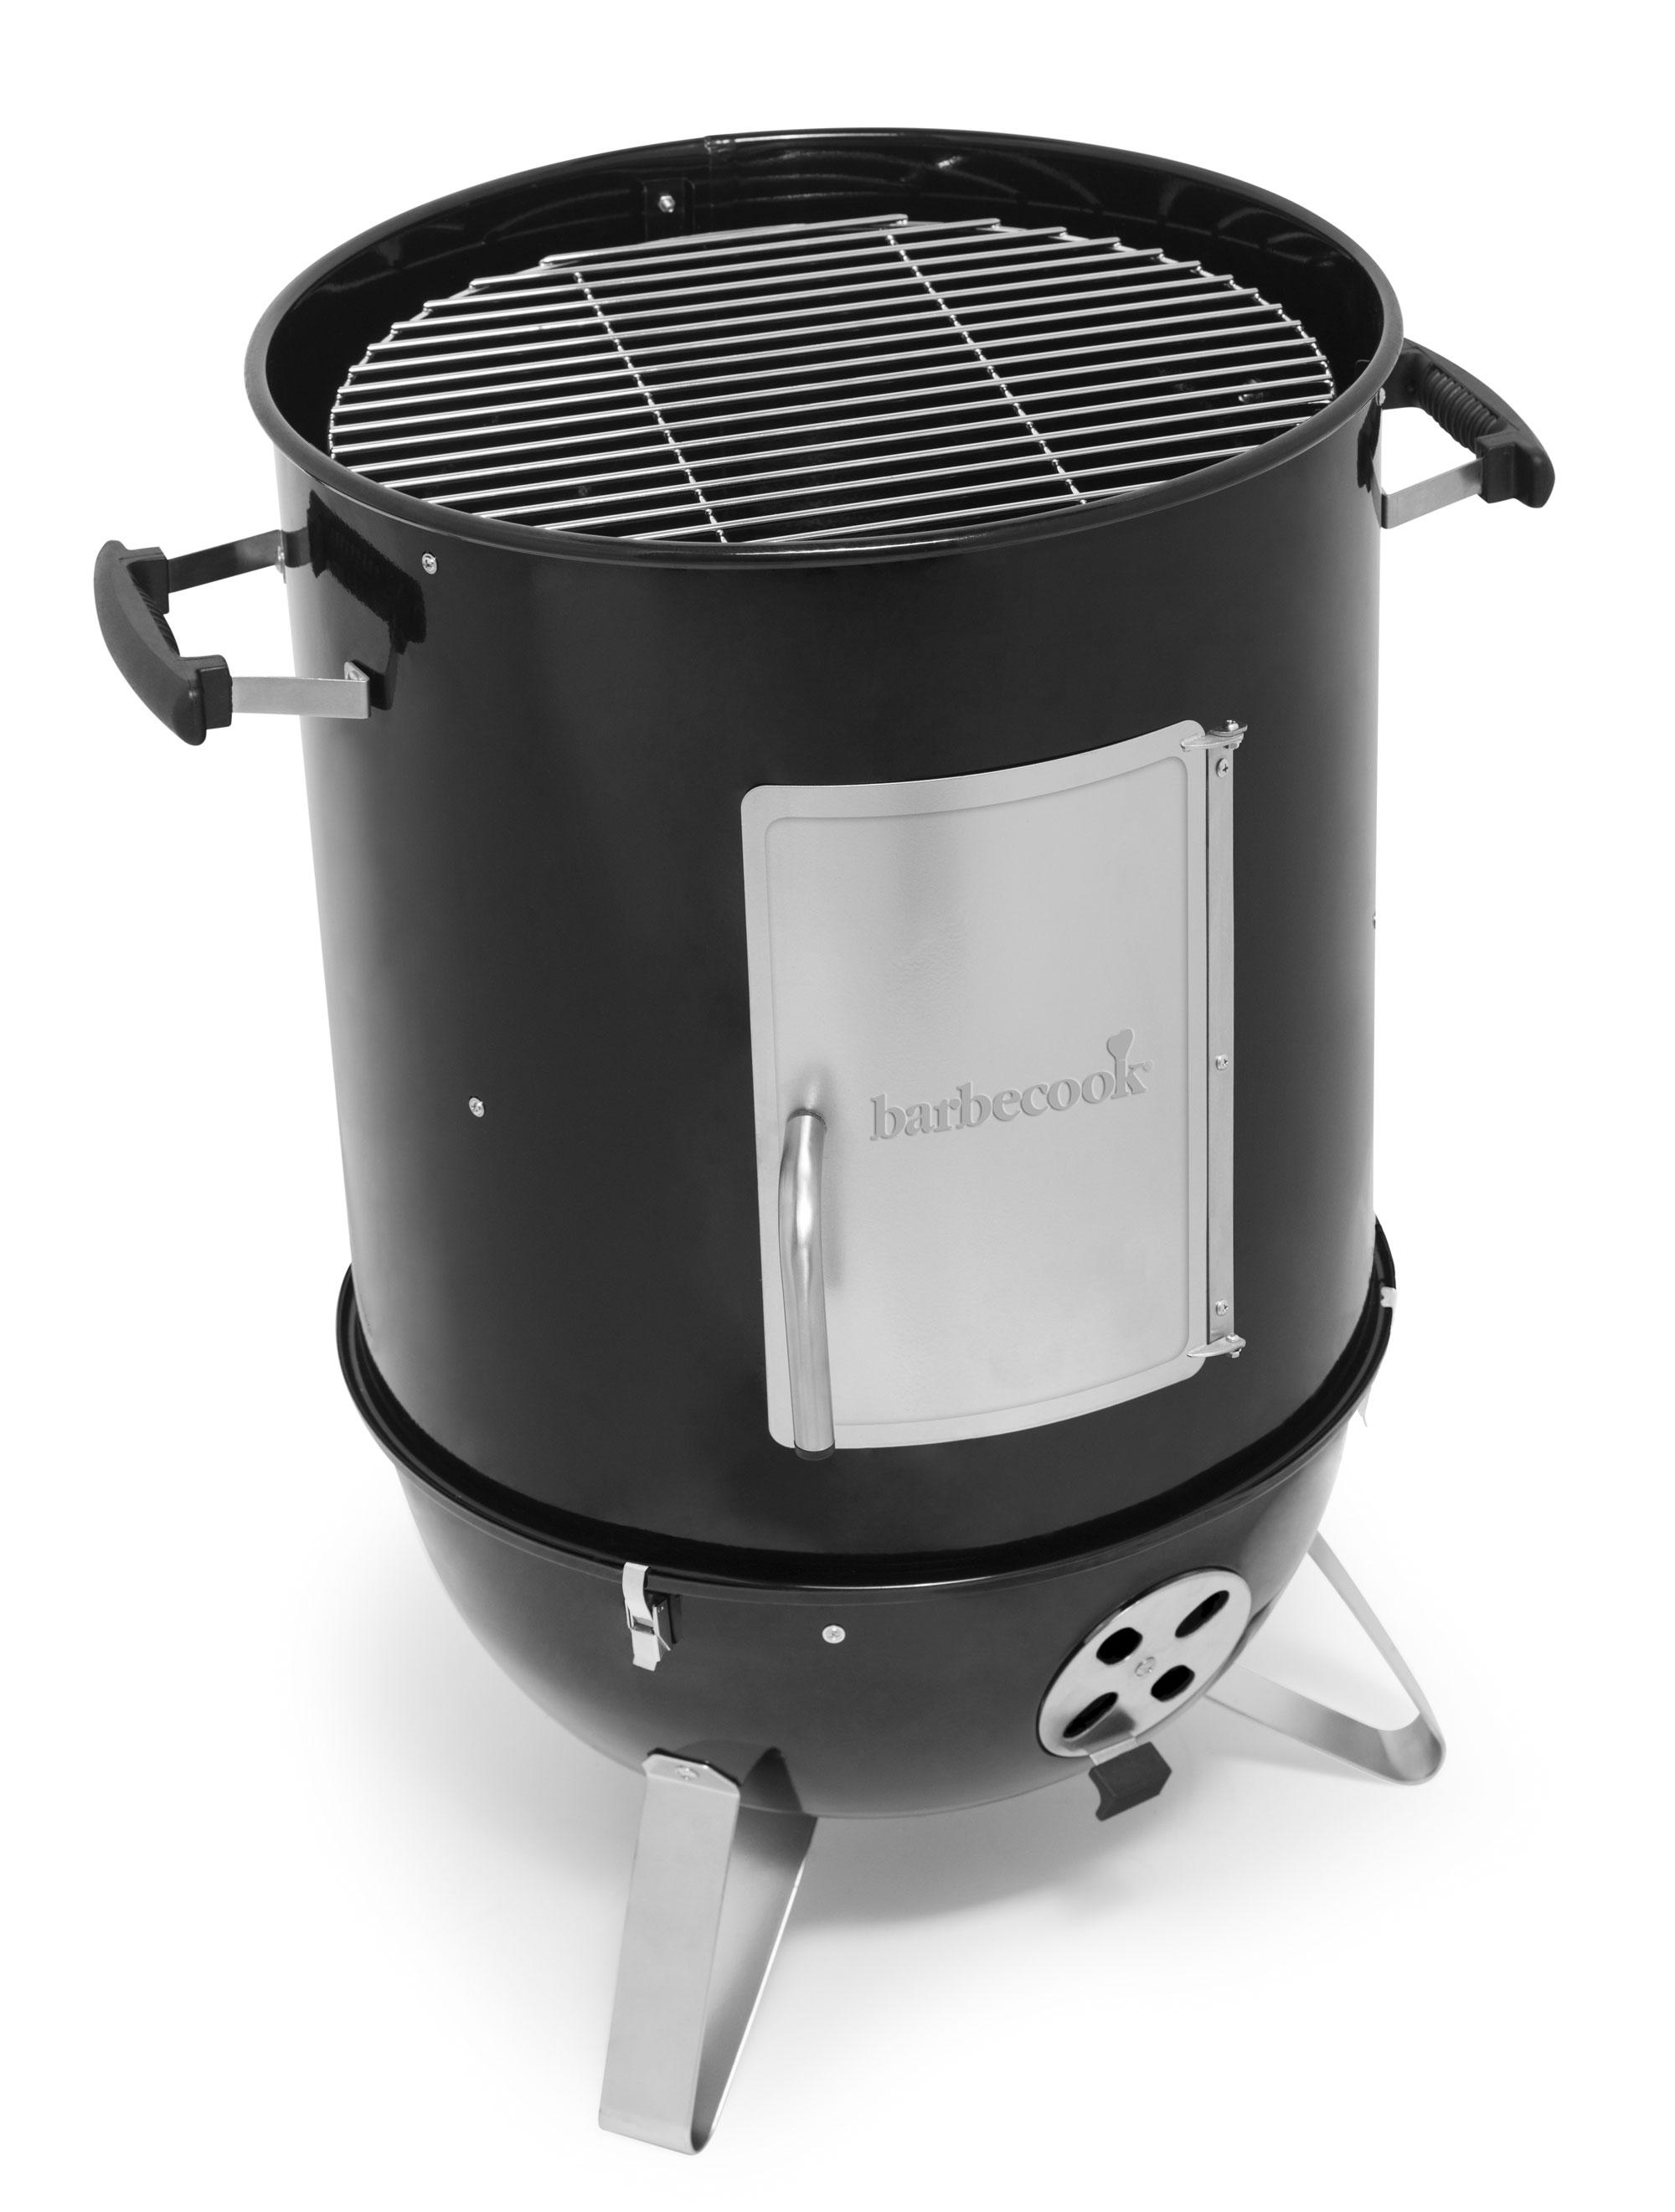 Räucherofen / Smoker barbecook Oskar M Ø39cm / H 99cm schwarz Bild 3